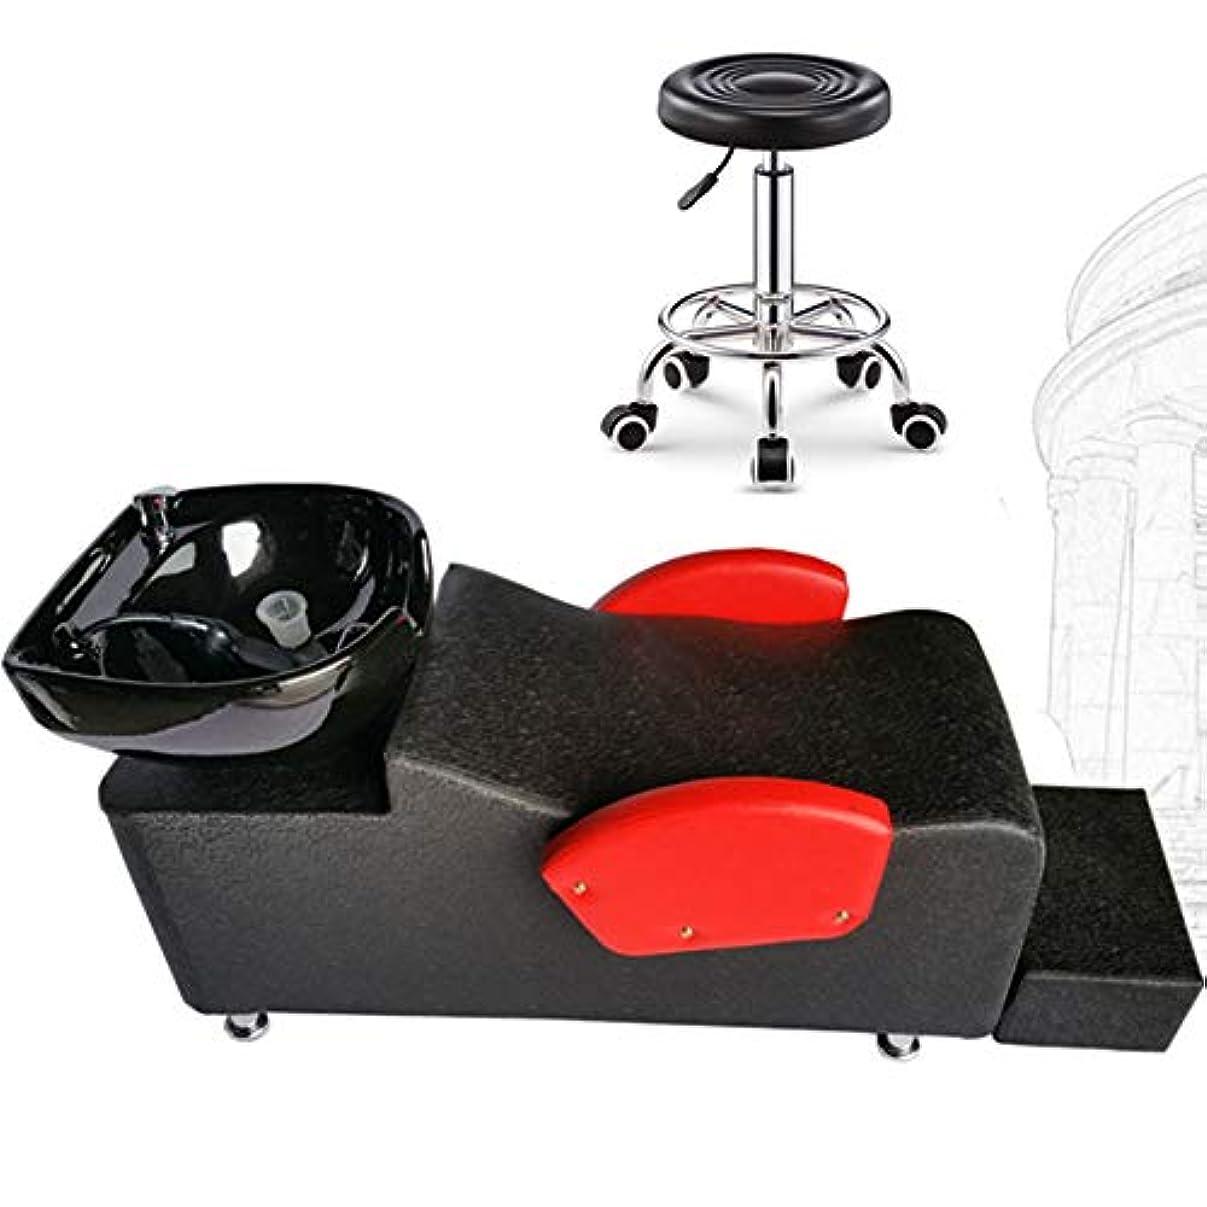 扱いやすい収入天窓サロン用シャンプー椅子とボウル、スパ美容室機器パンチングウォーターベッドチェア用の逆洗ユニット理髪シンクチェア